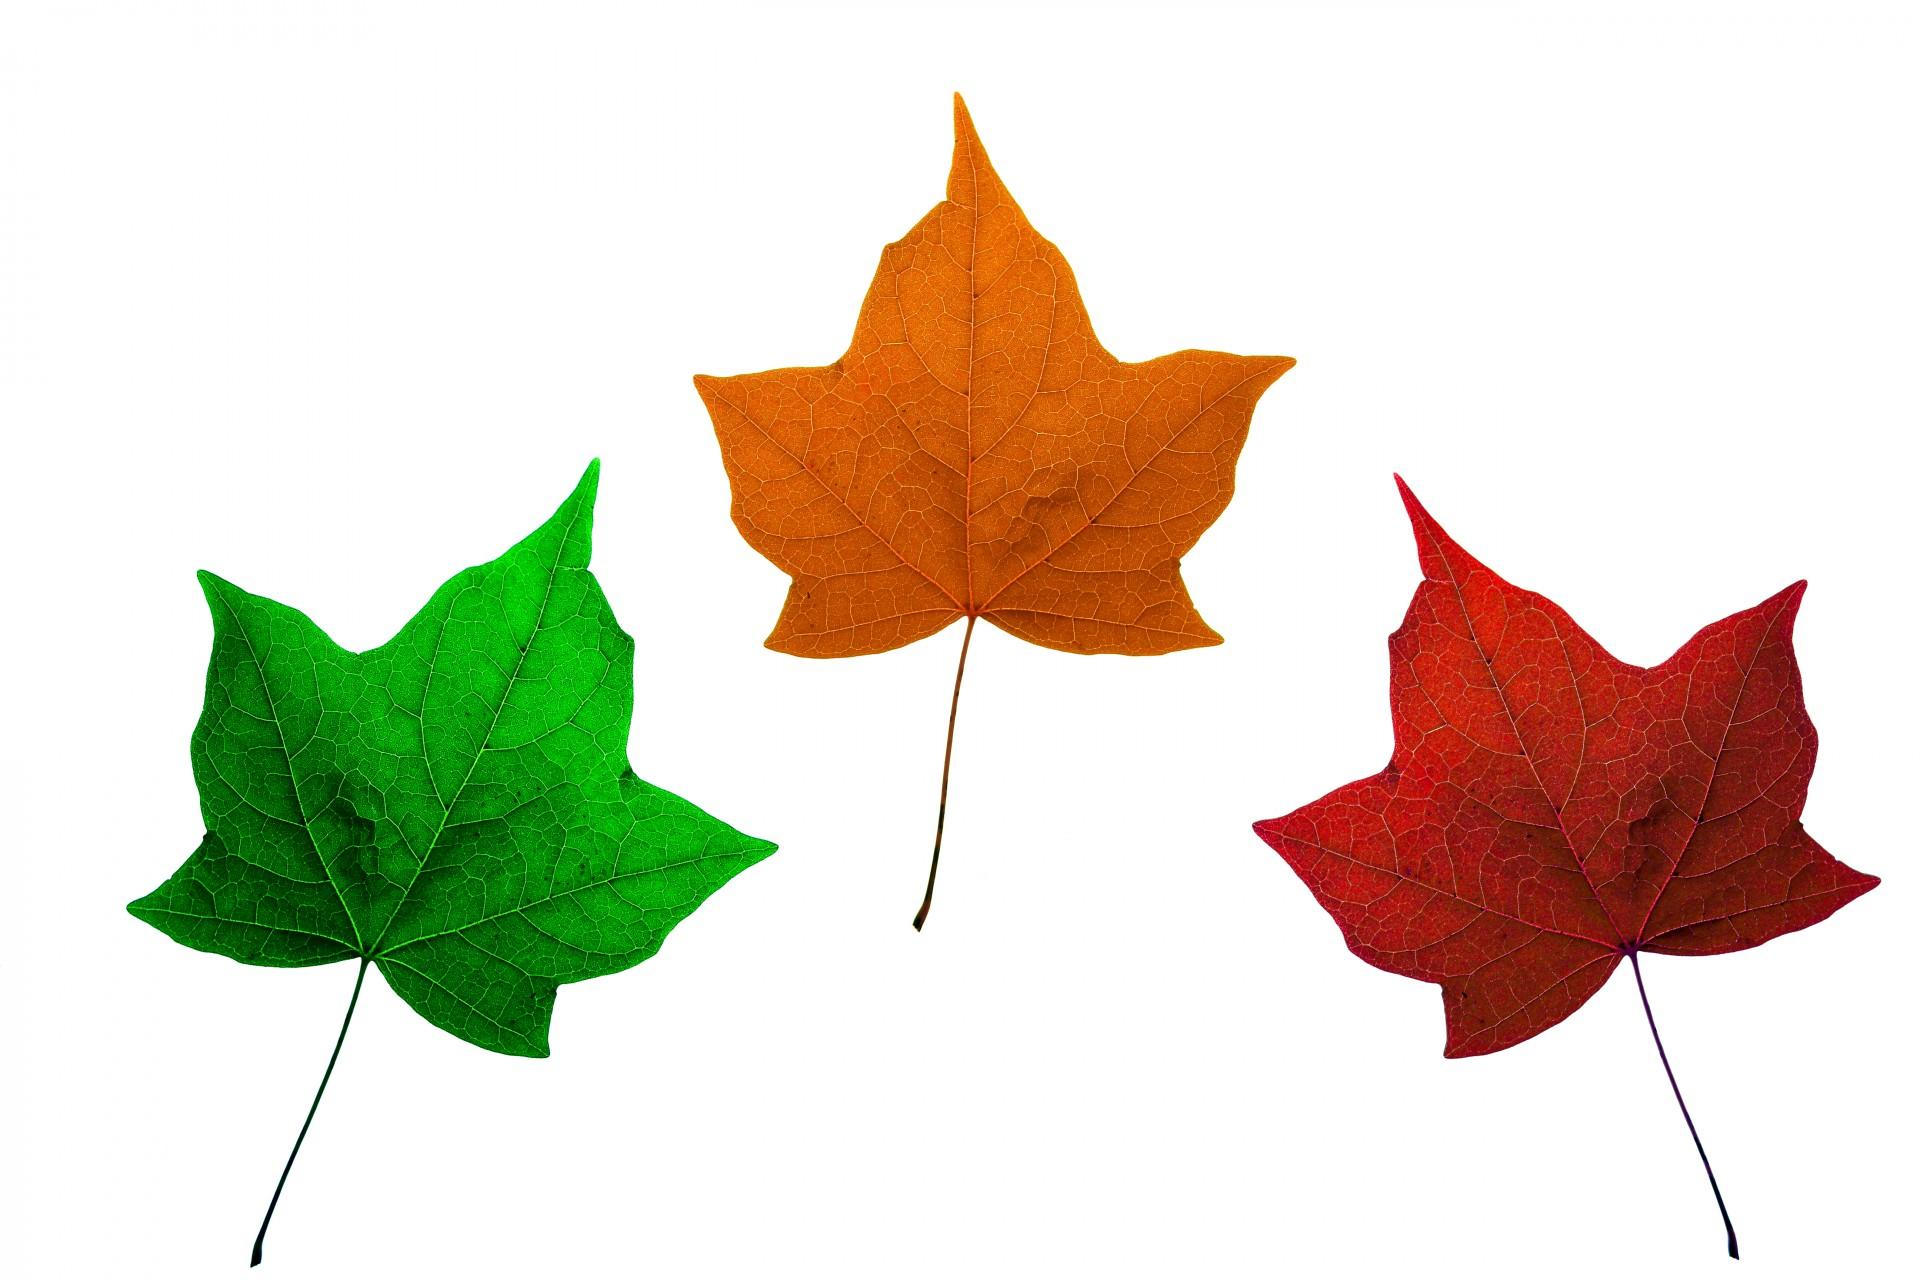 компании картинки листы разного цвета вами